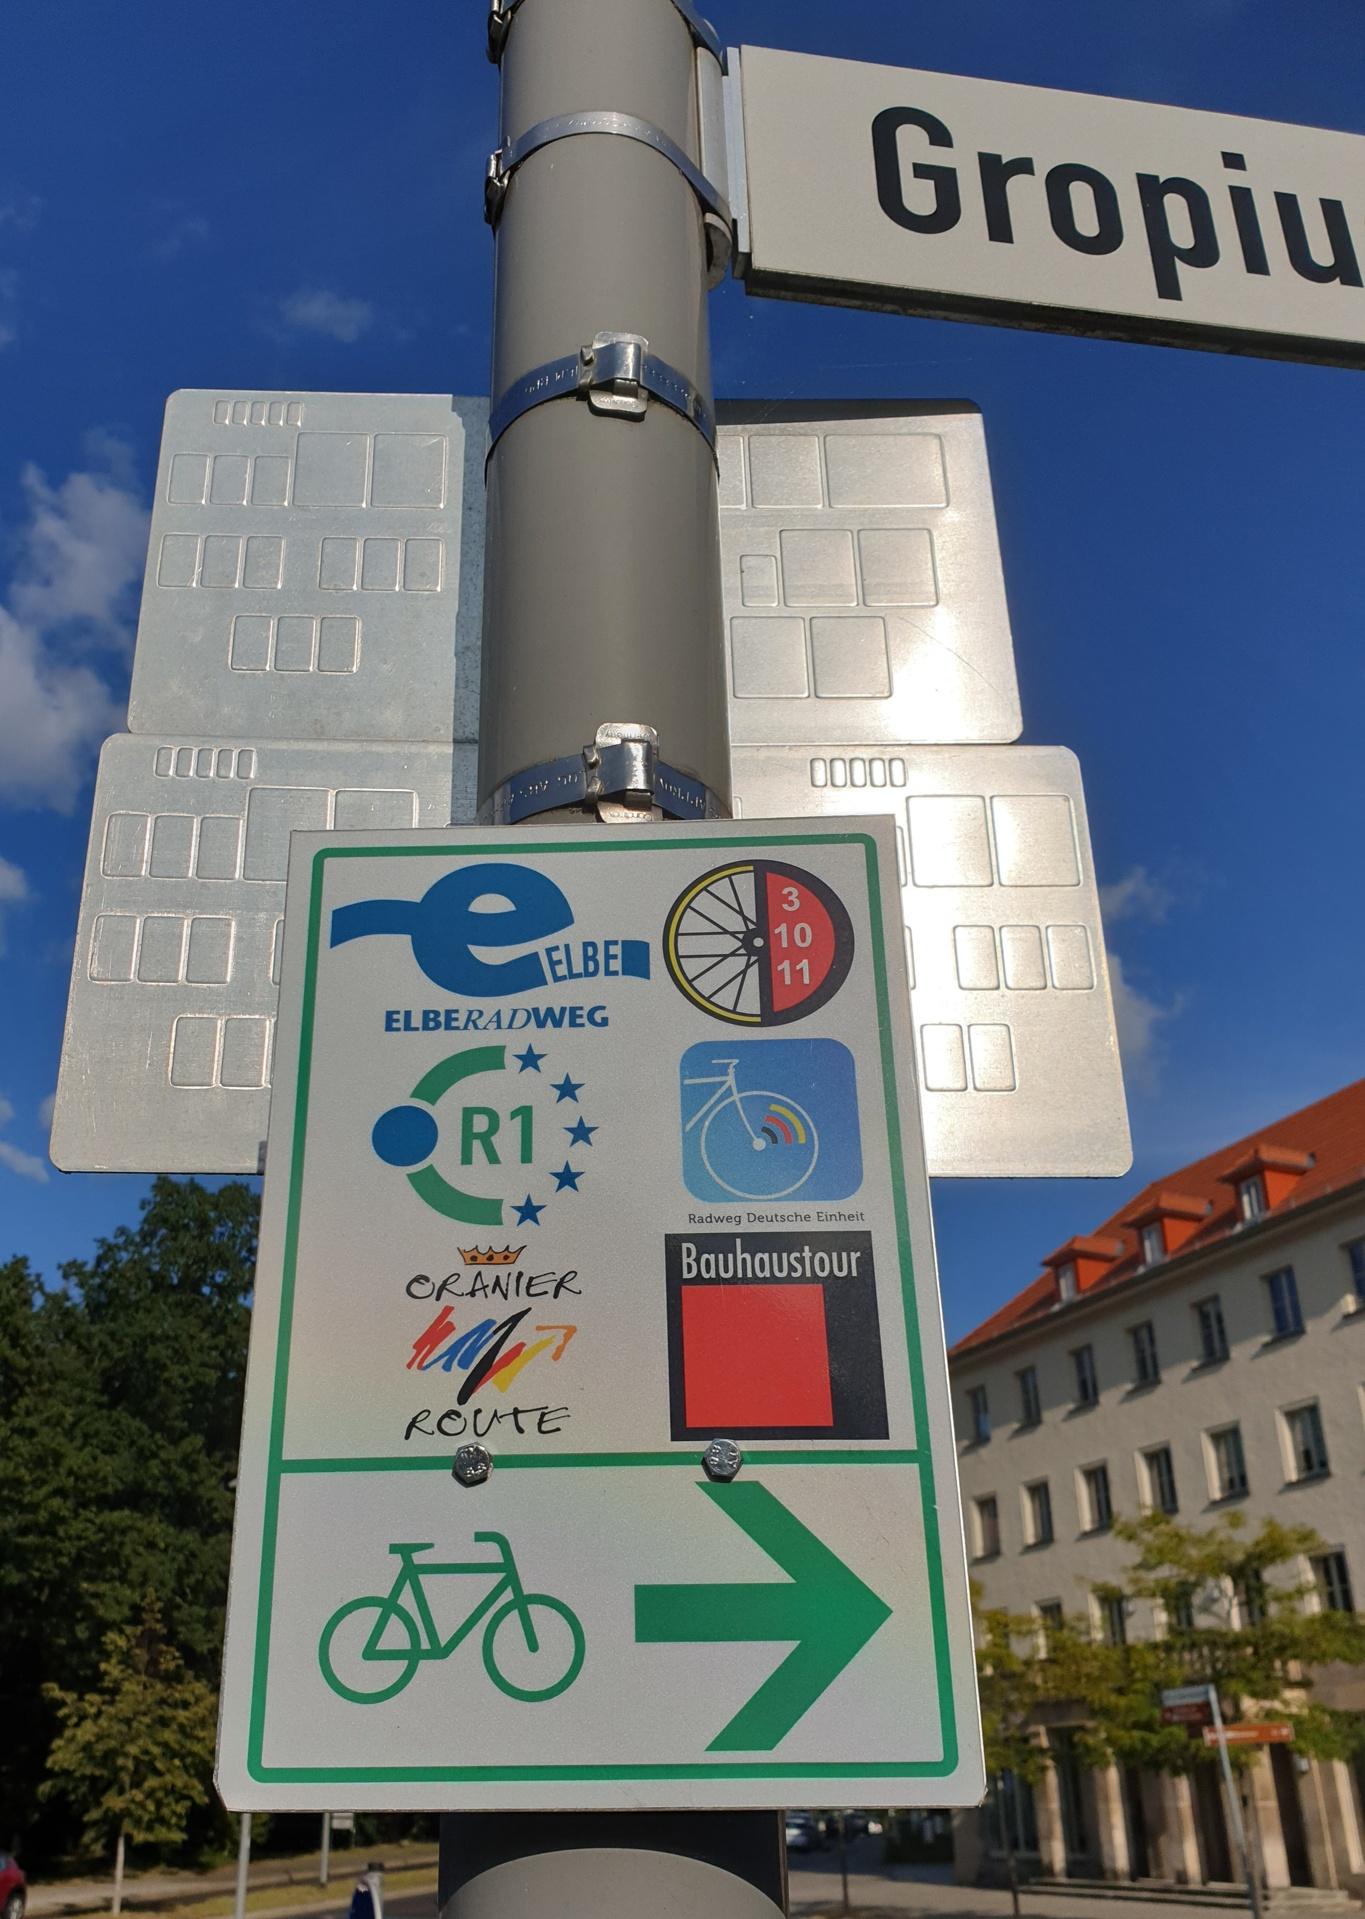 Wegweiser in Dessau, Gropiusstrasse